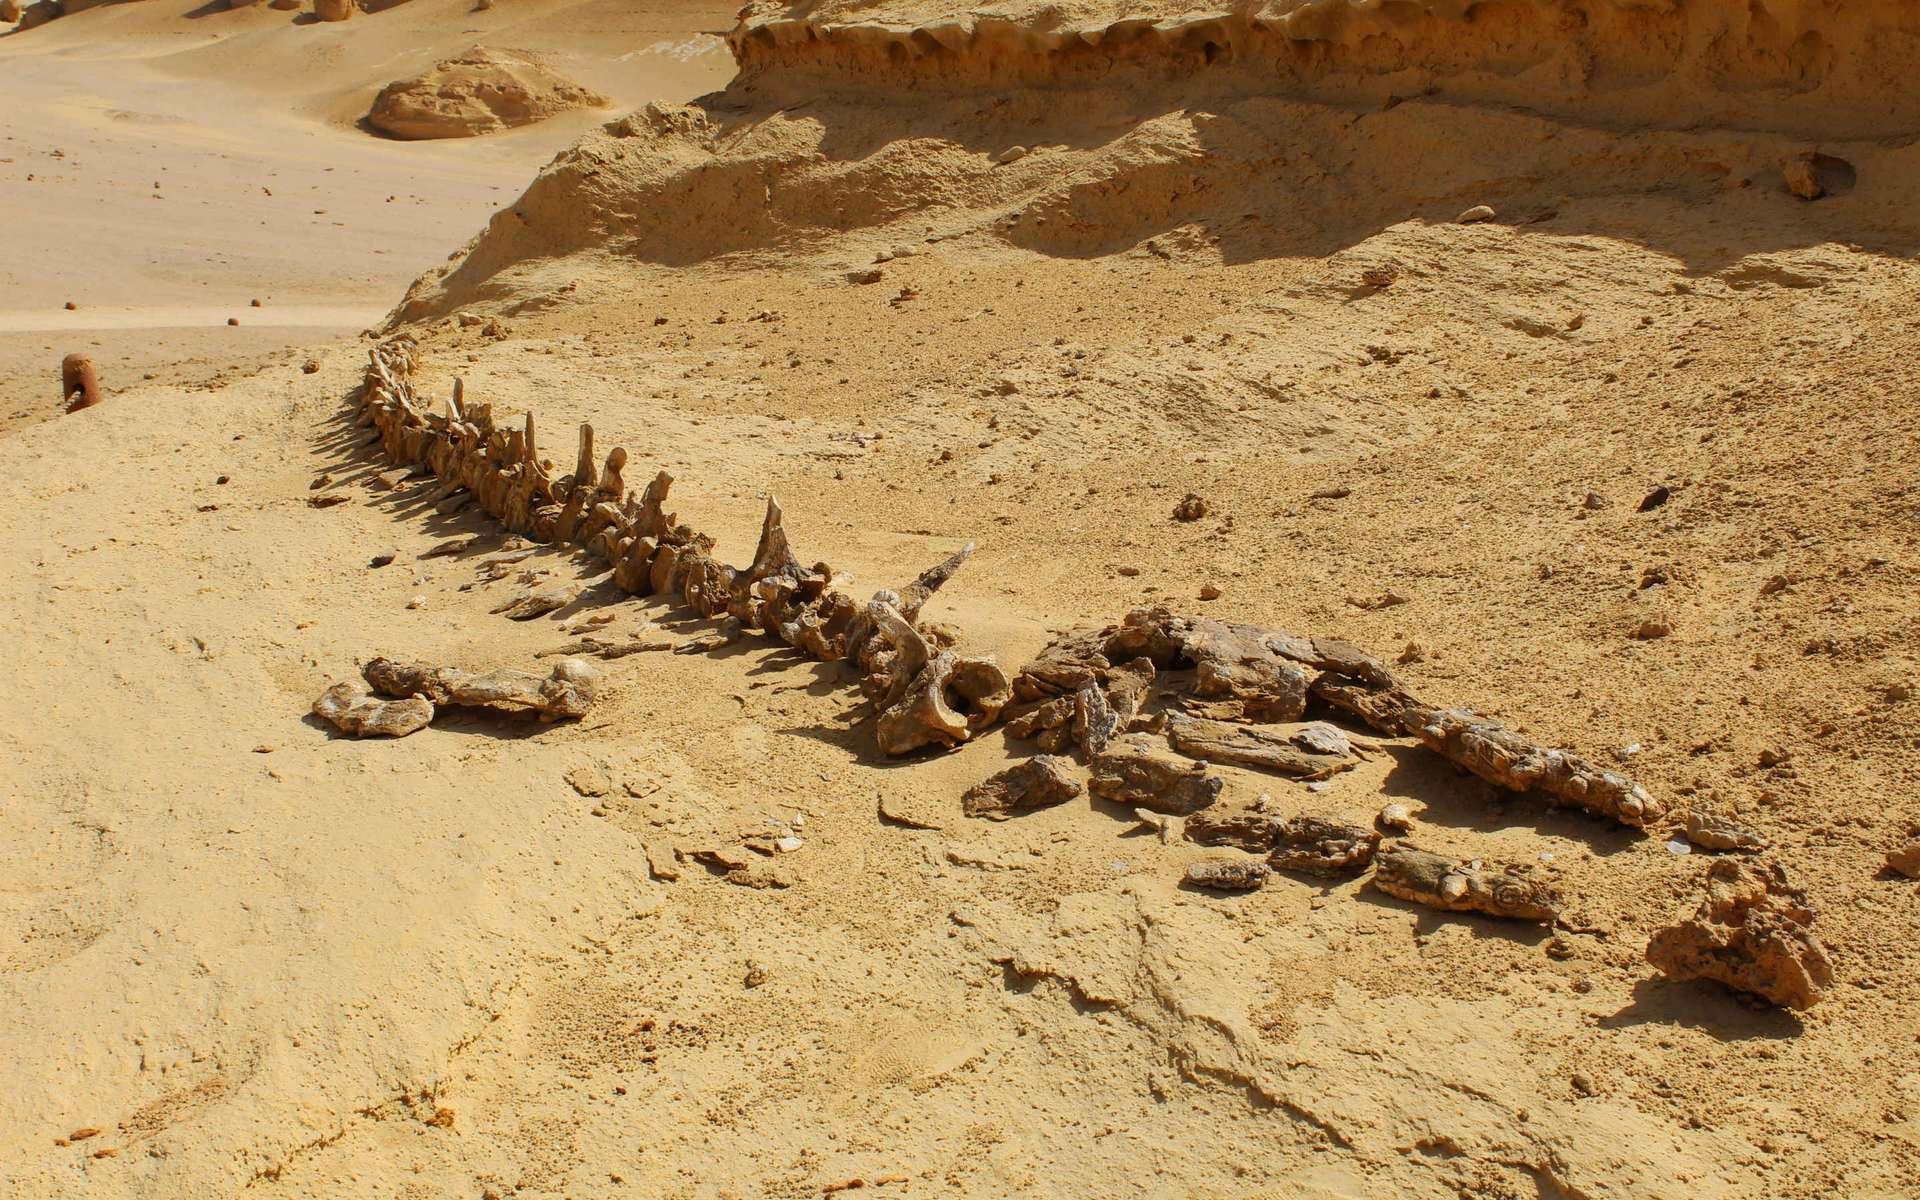 Les fossiles de mammifères marins dans les déserts attestent de la submersion de ces zones par les eaux au cours du temps profond. © Ahmed, Adobe Stock